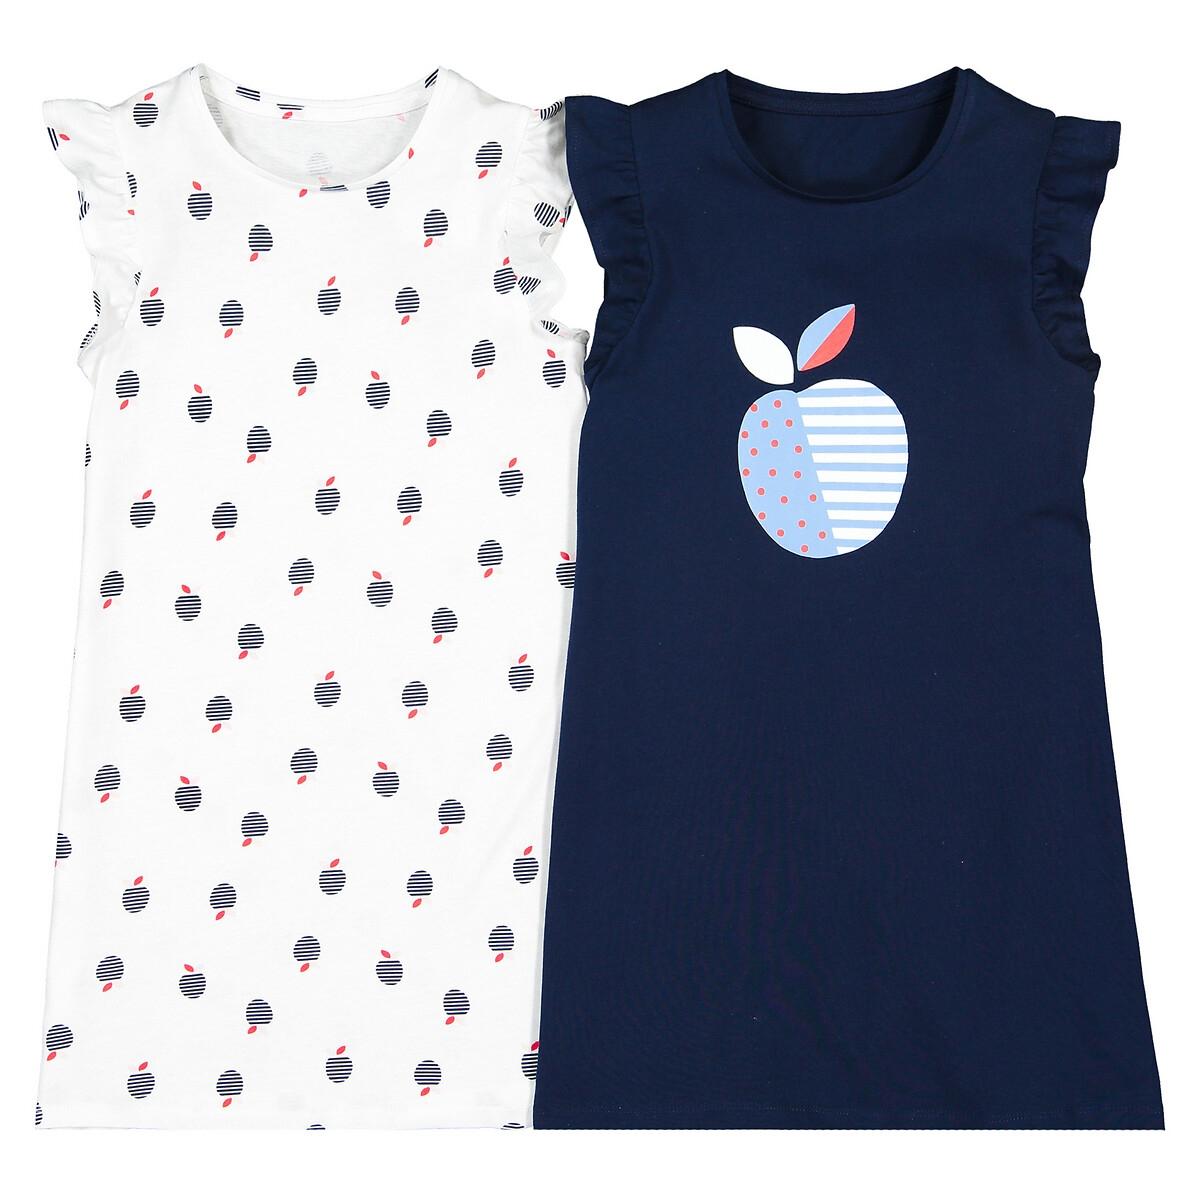 Комплект из 2 ночых рубашек LaRedoute Из биохлопка 3-12 лет 4 года - 102 см белый